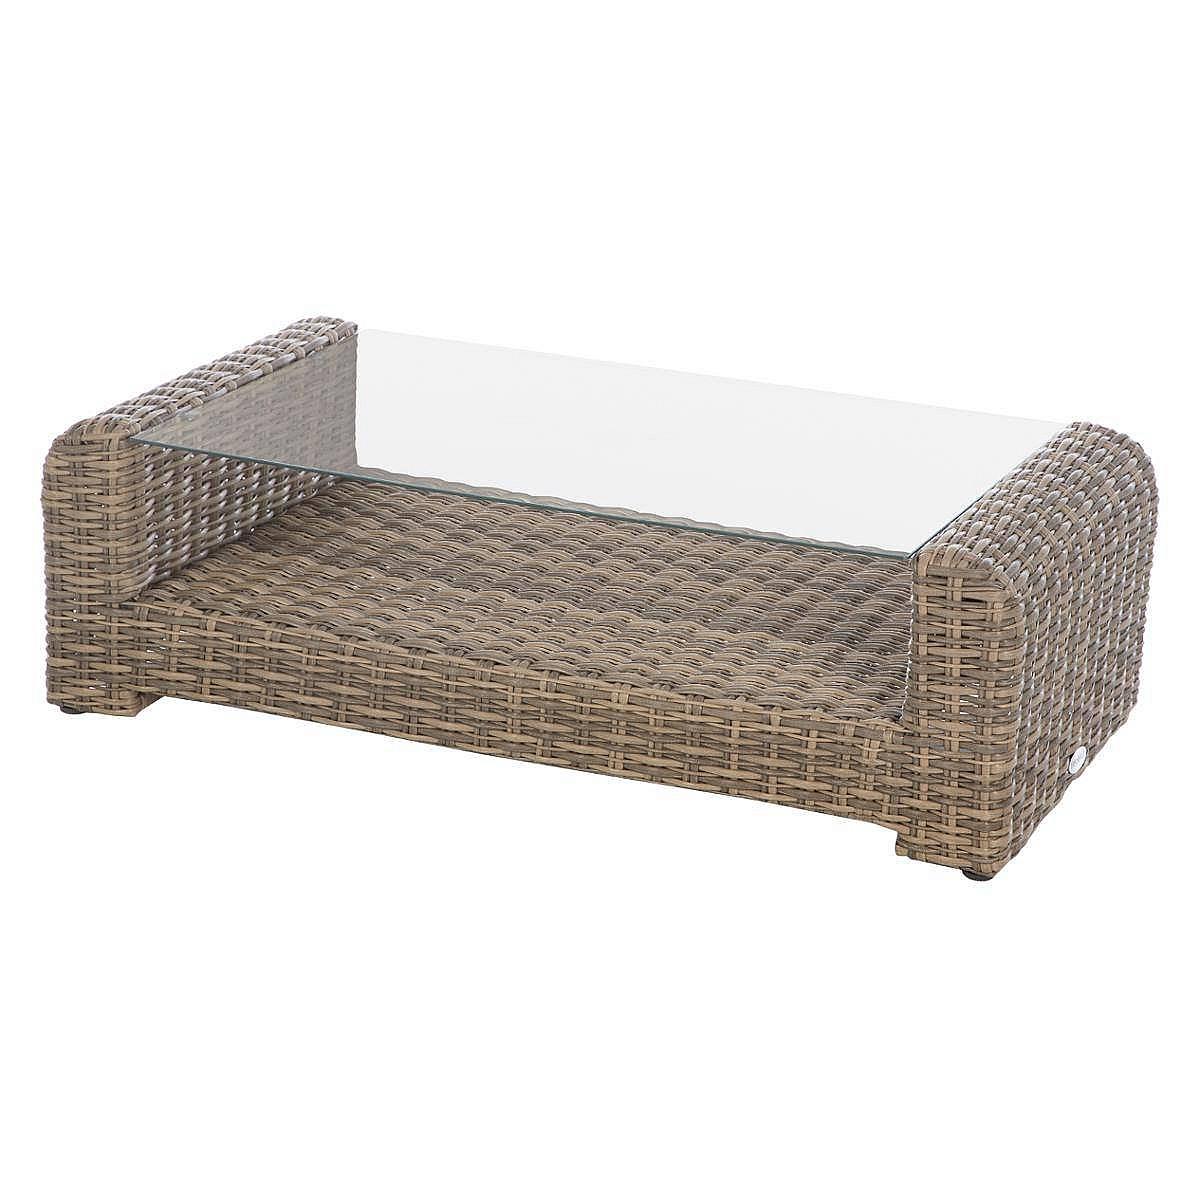 Ratanový konferenční stolek BORNEO 122 x 62 cm (hnědá)